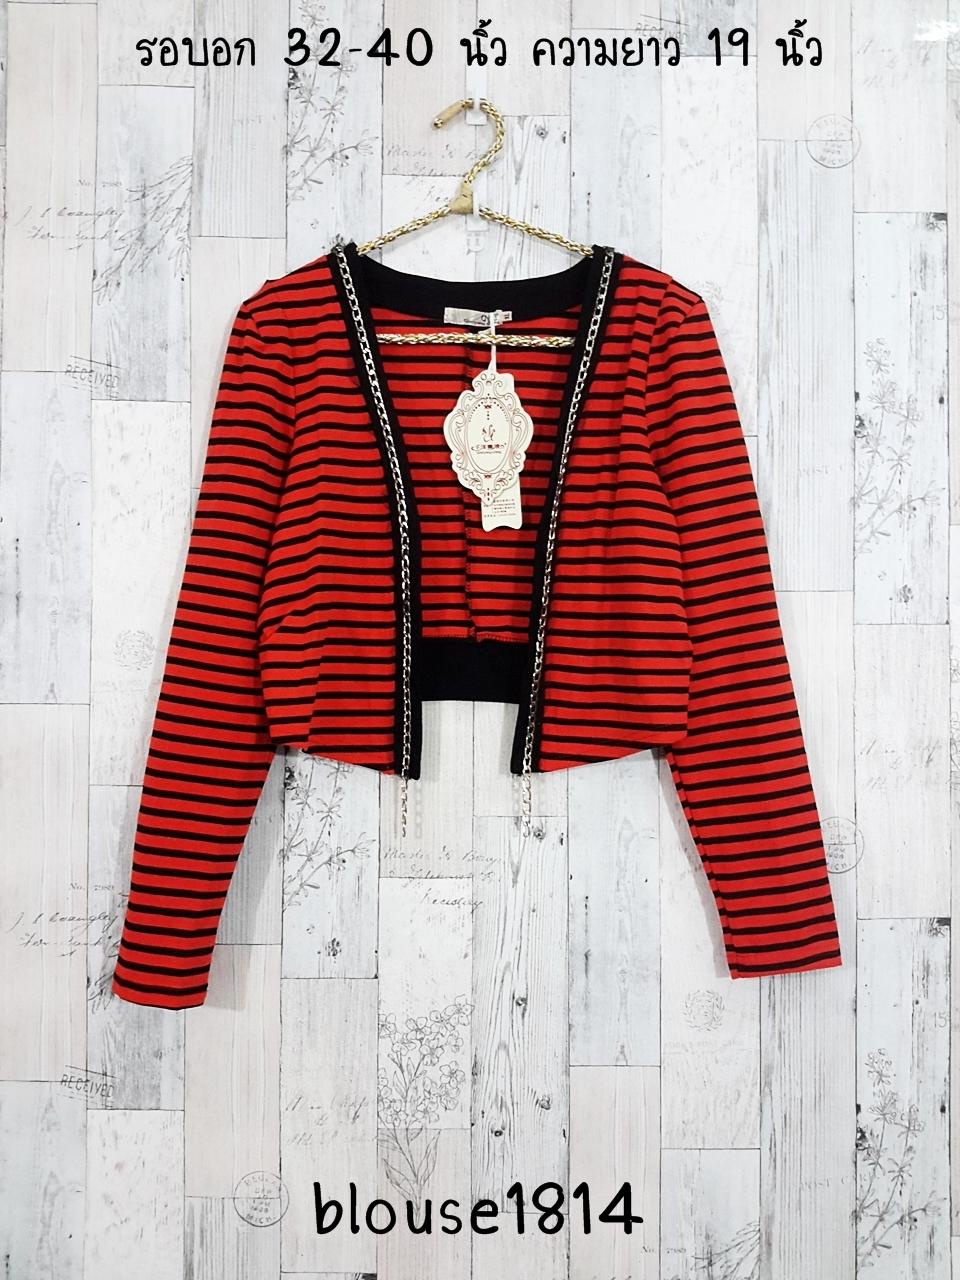 Blouse1814 เสื้อคลุมแฟชั่นแขนยาว ผ้าเนื้อดีลายริ้วโทนสีส้มดำ ผ้าเนื้อหนาสวยยืดได้ขยายได้เยอะ